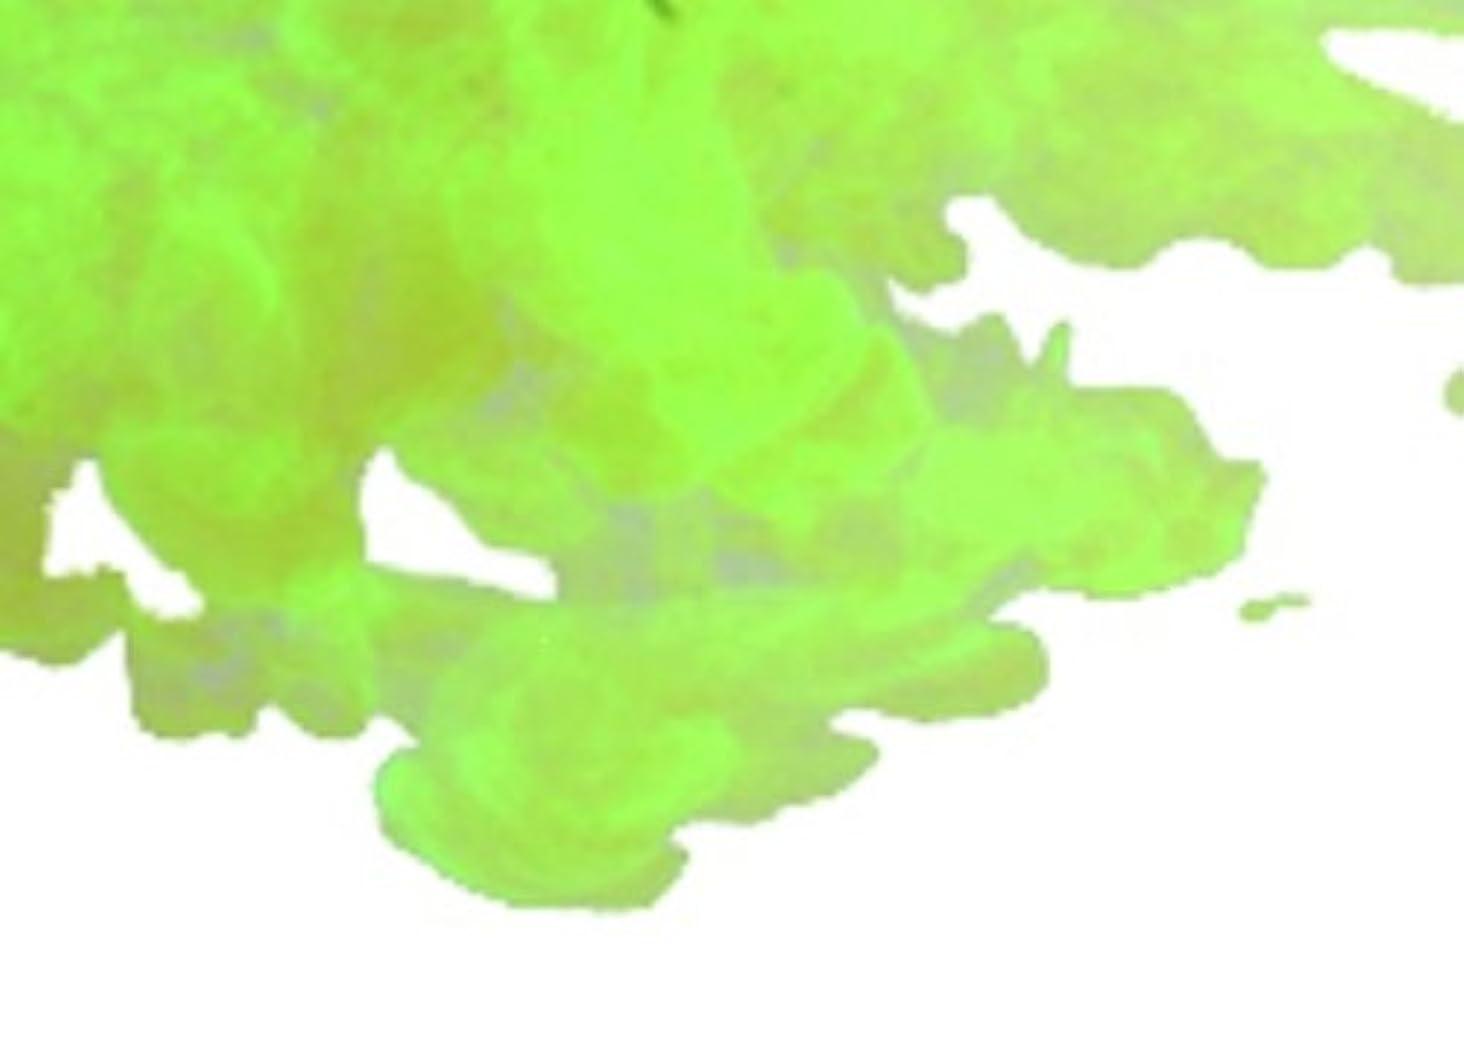 クッションネット法律によりLime Soap Dye 10ml - Highly Concentrated